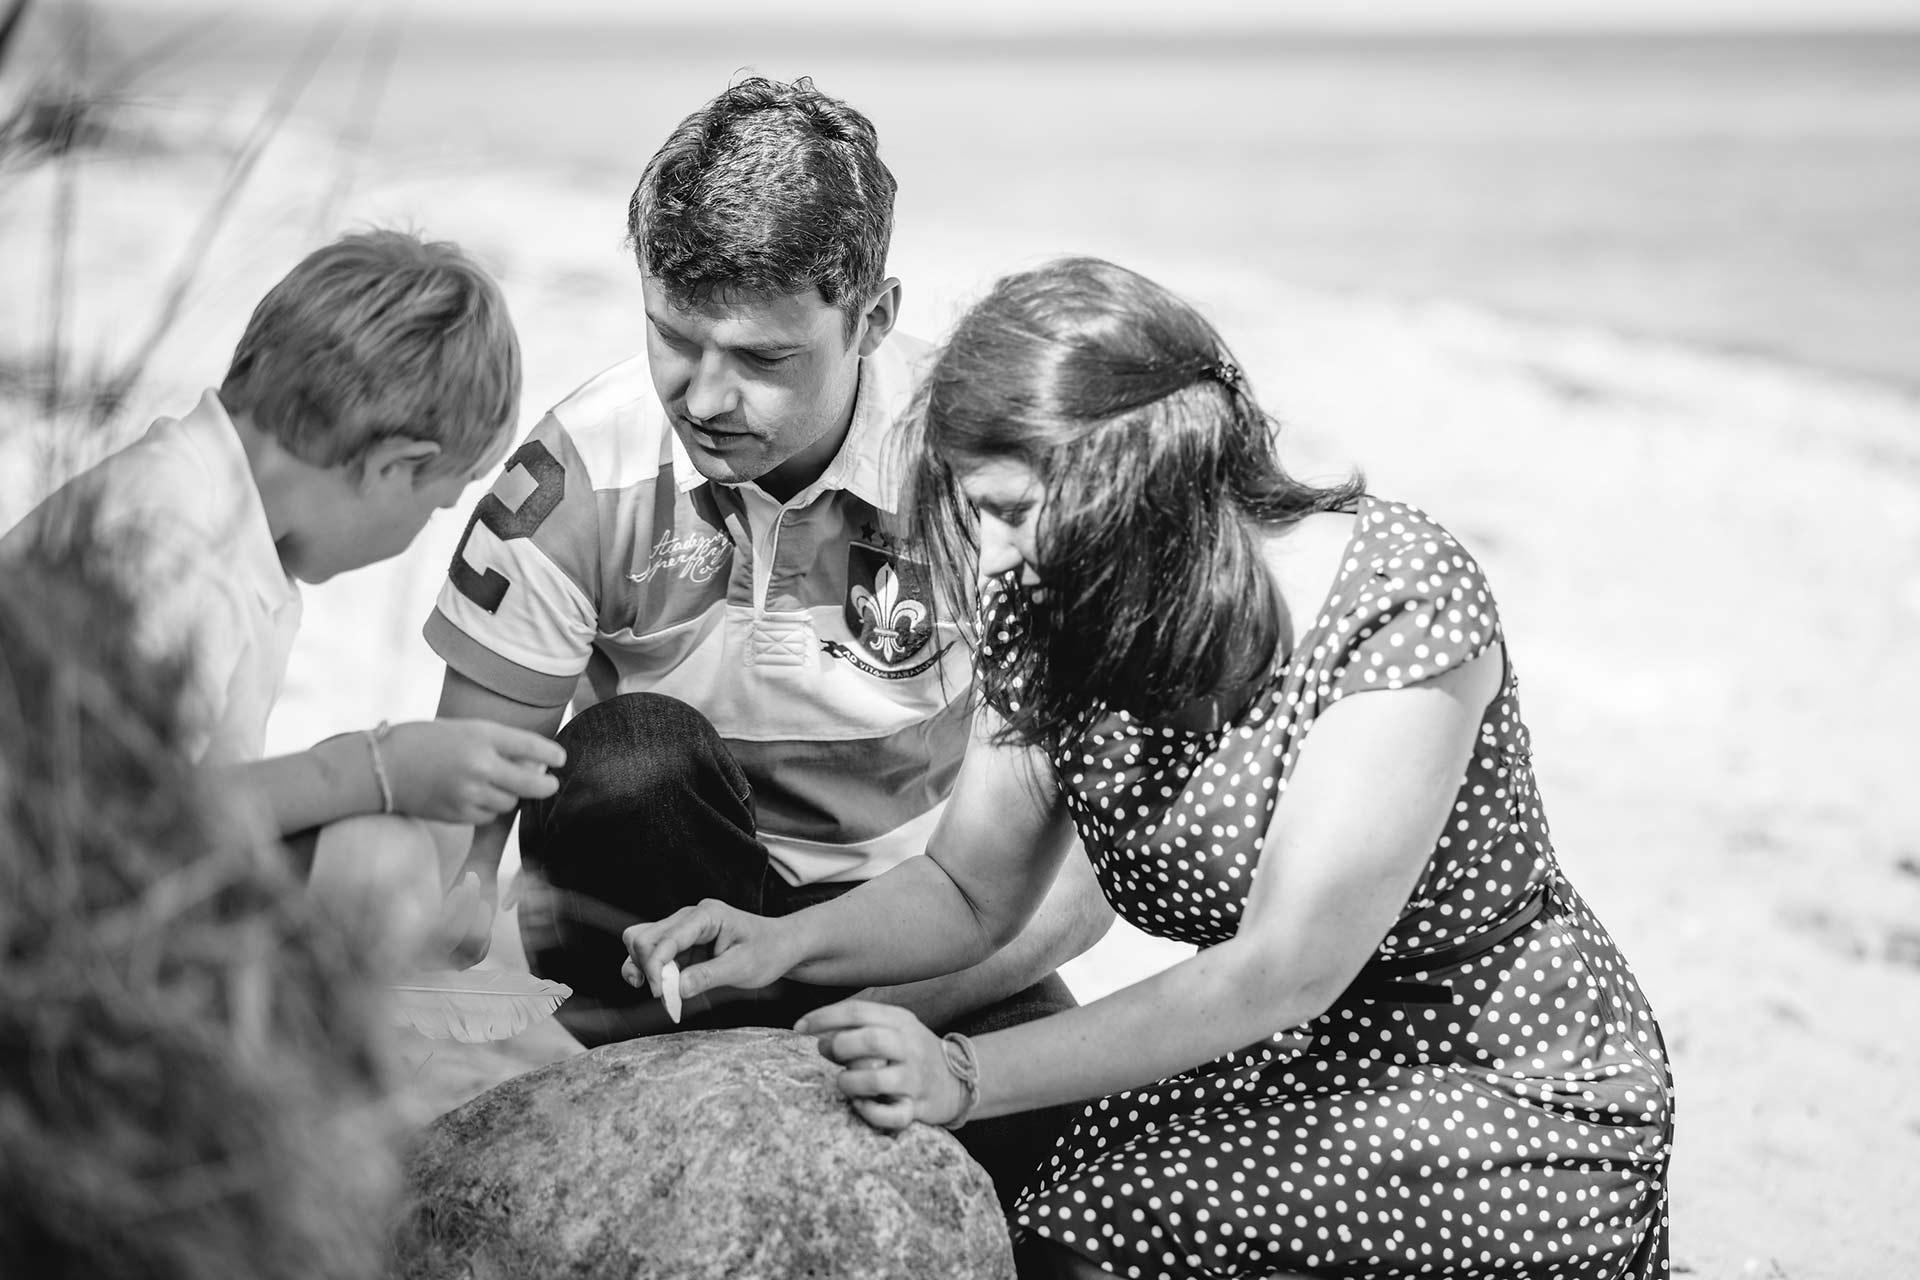 Mama-Papa-und-Sohn-spielen-am-Strand-Junge-sitzt-vertraeumt-auf-grossem-Stein-am-Strand-Shooting-am-Strand-Familienfotografie-Fotograf-Rostock - Familienshooting